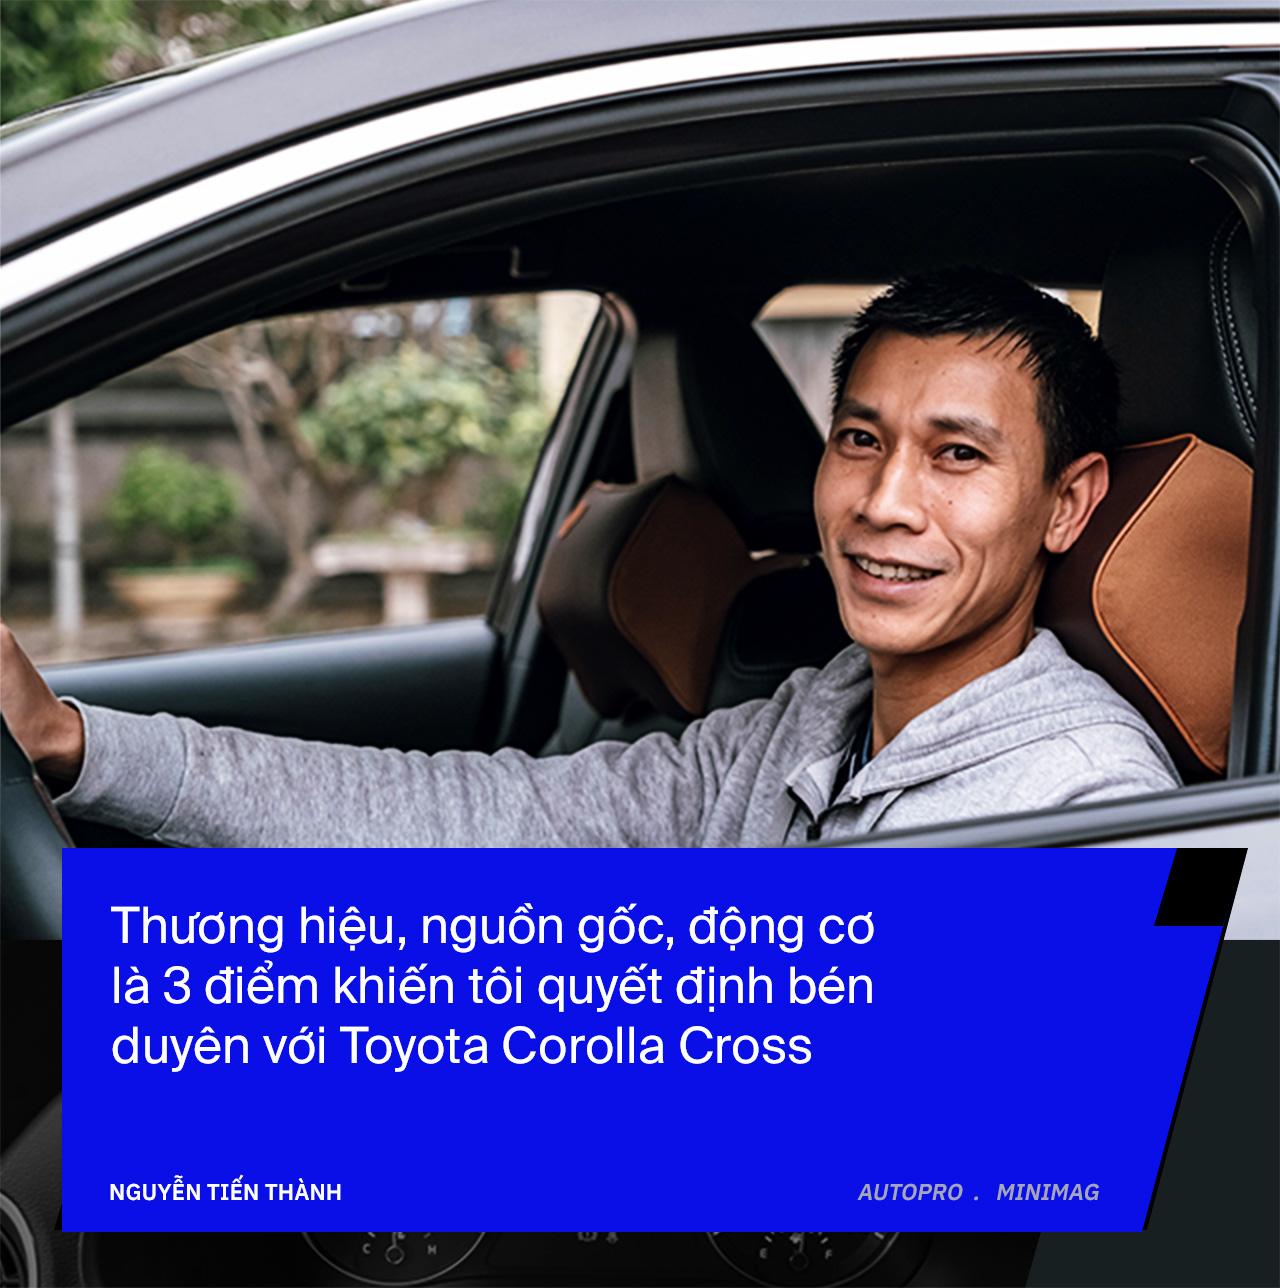 Bỏ cọc Kia Seltos để mua Toyota Corolla Cross bản rẻ nhất, người dùng đánh giá sau 3 tháng: 'Đủ những thứ tôi cần' - Ảnh 4.